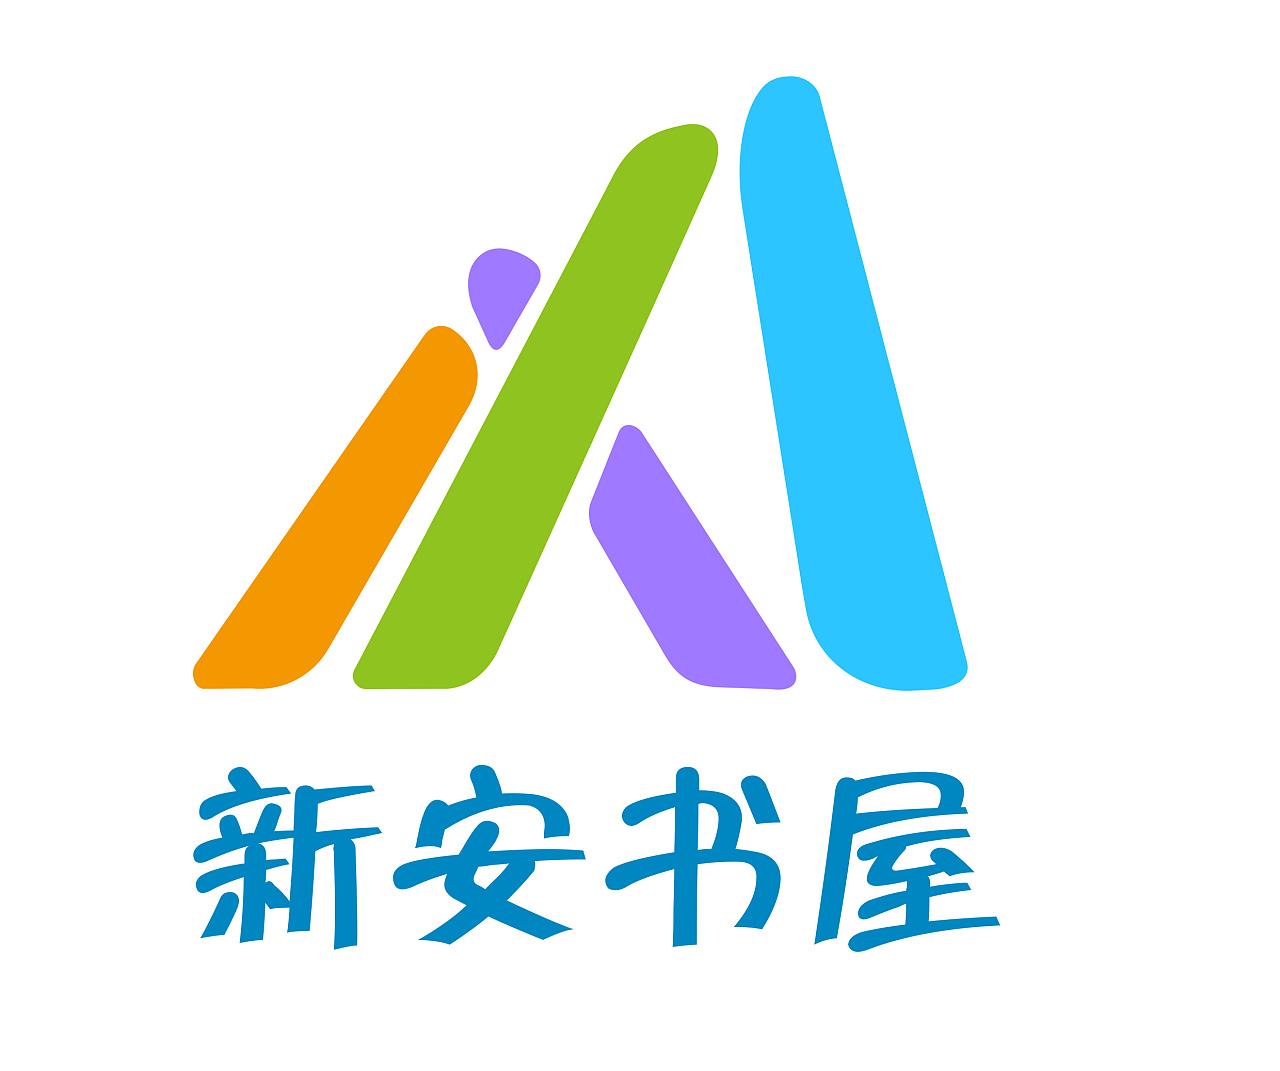 千岛湖新安书屋logo标志设计